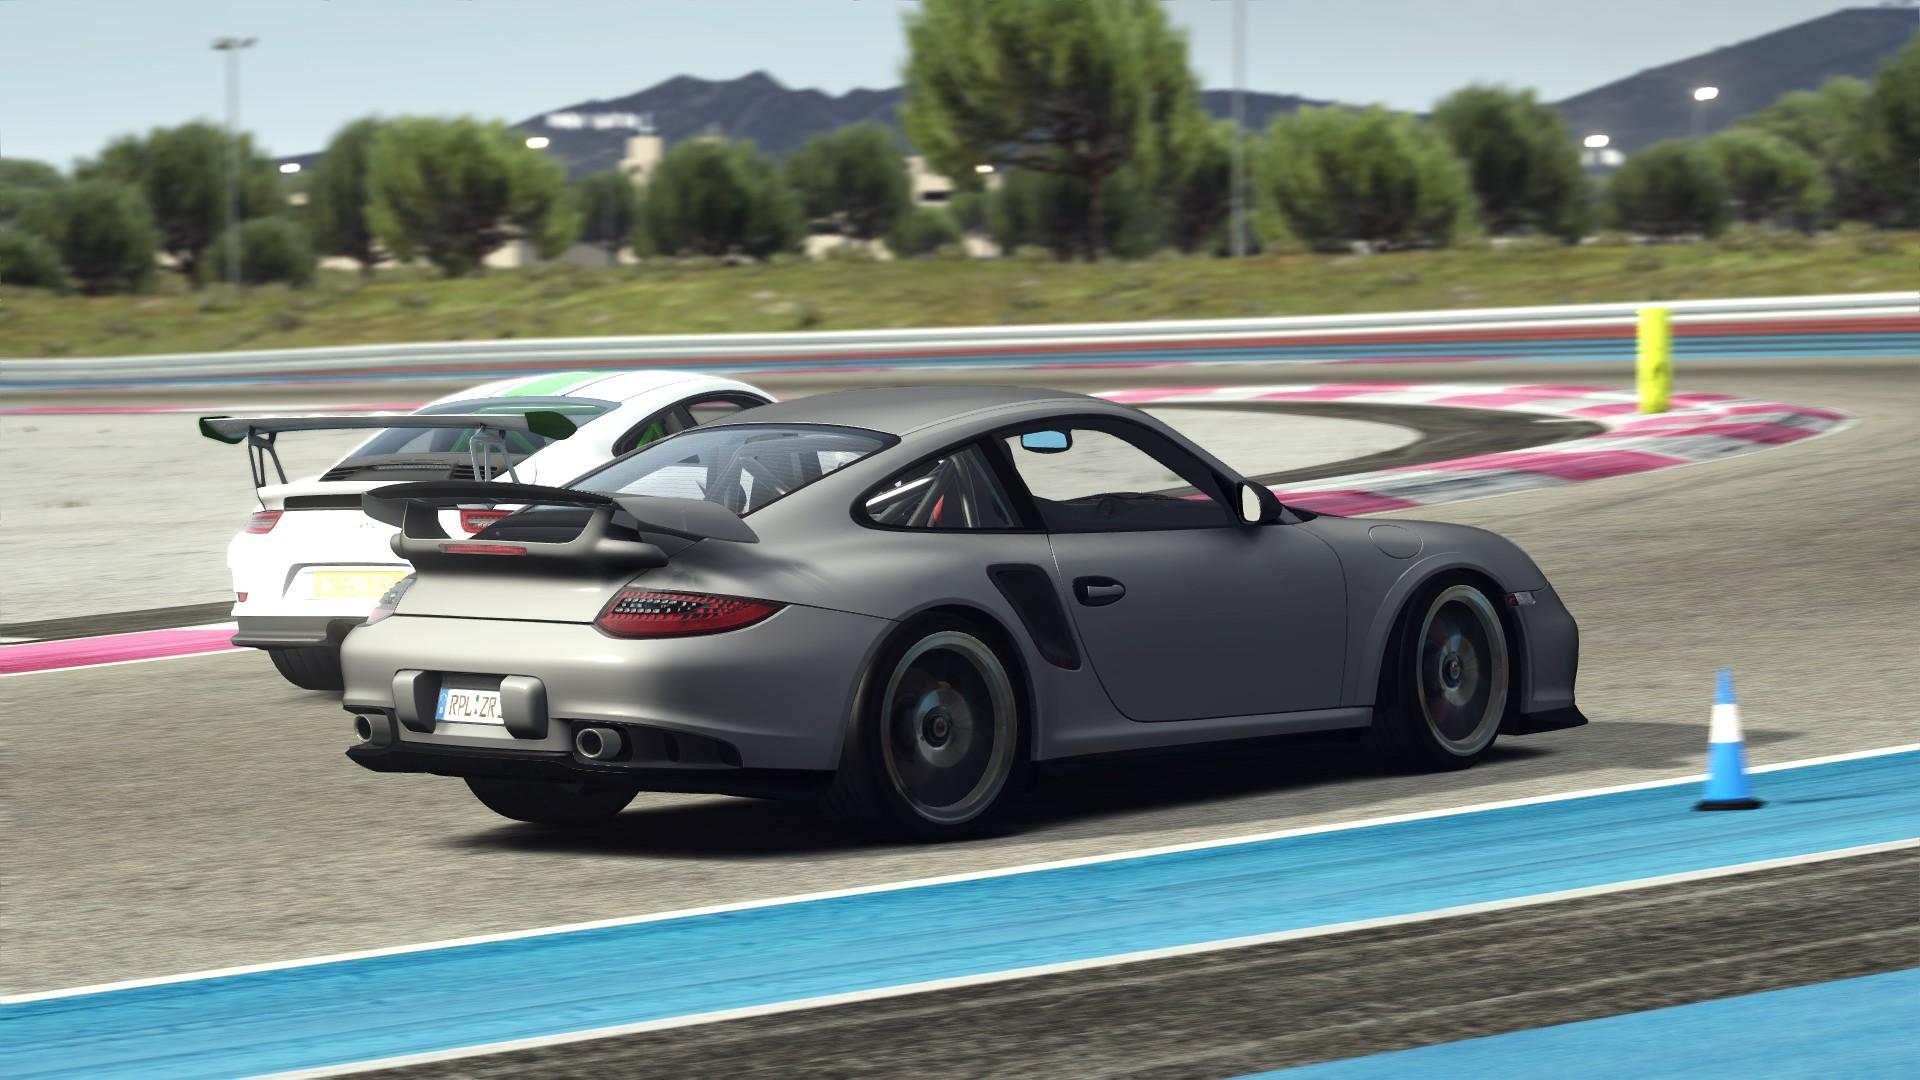 Porsche 997 GT2RS Assetto Corsa 1.14 089.jpg